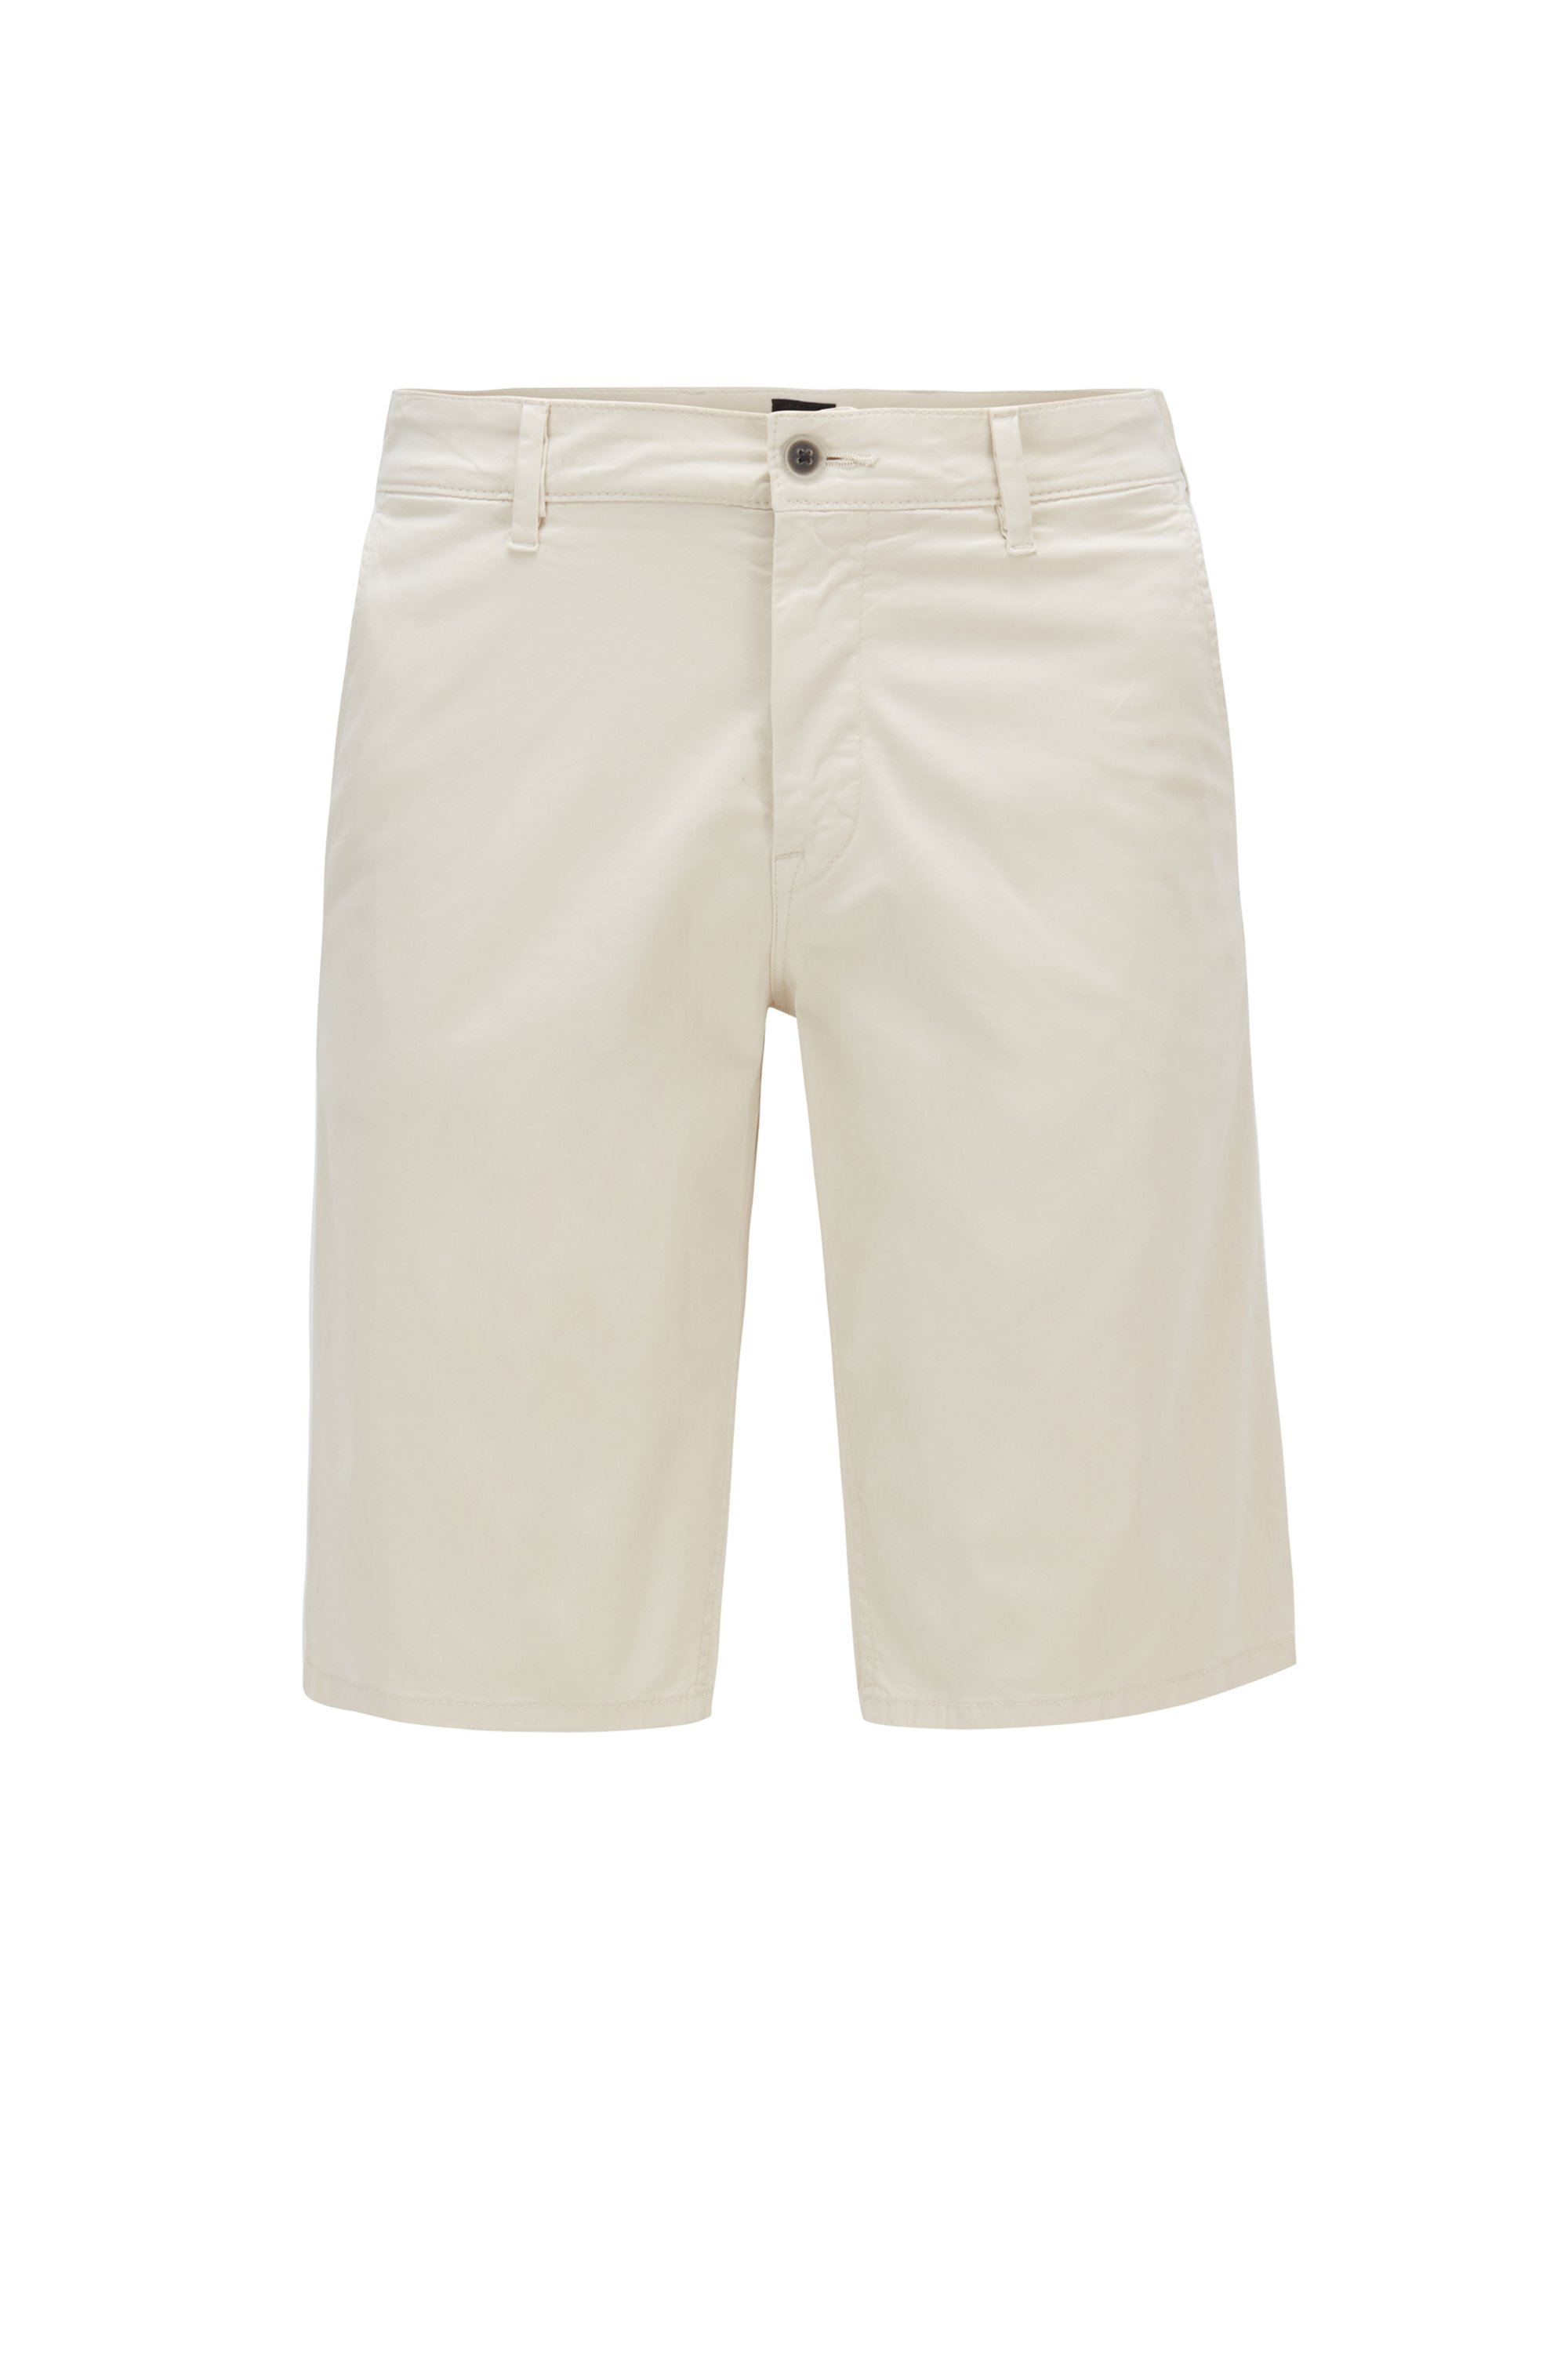 Slim-Fit Chino-Shorts aus leichter Stretch-Baumwolle, Hellbeige